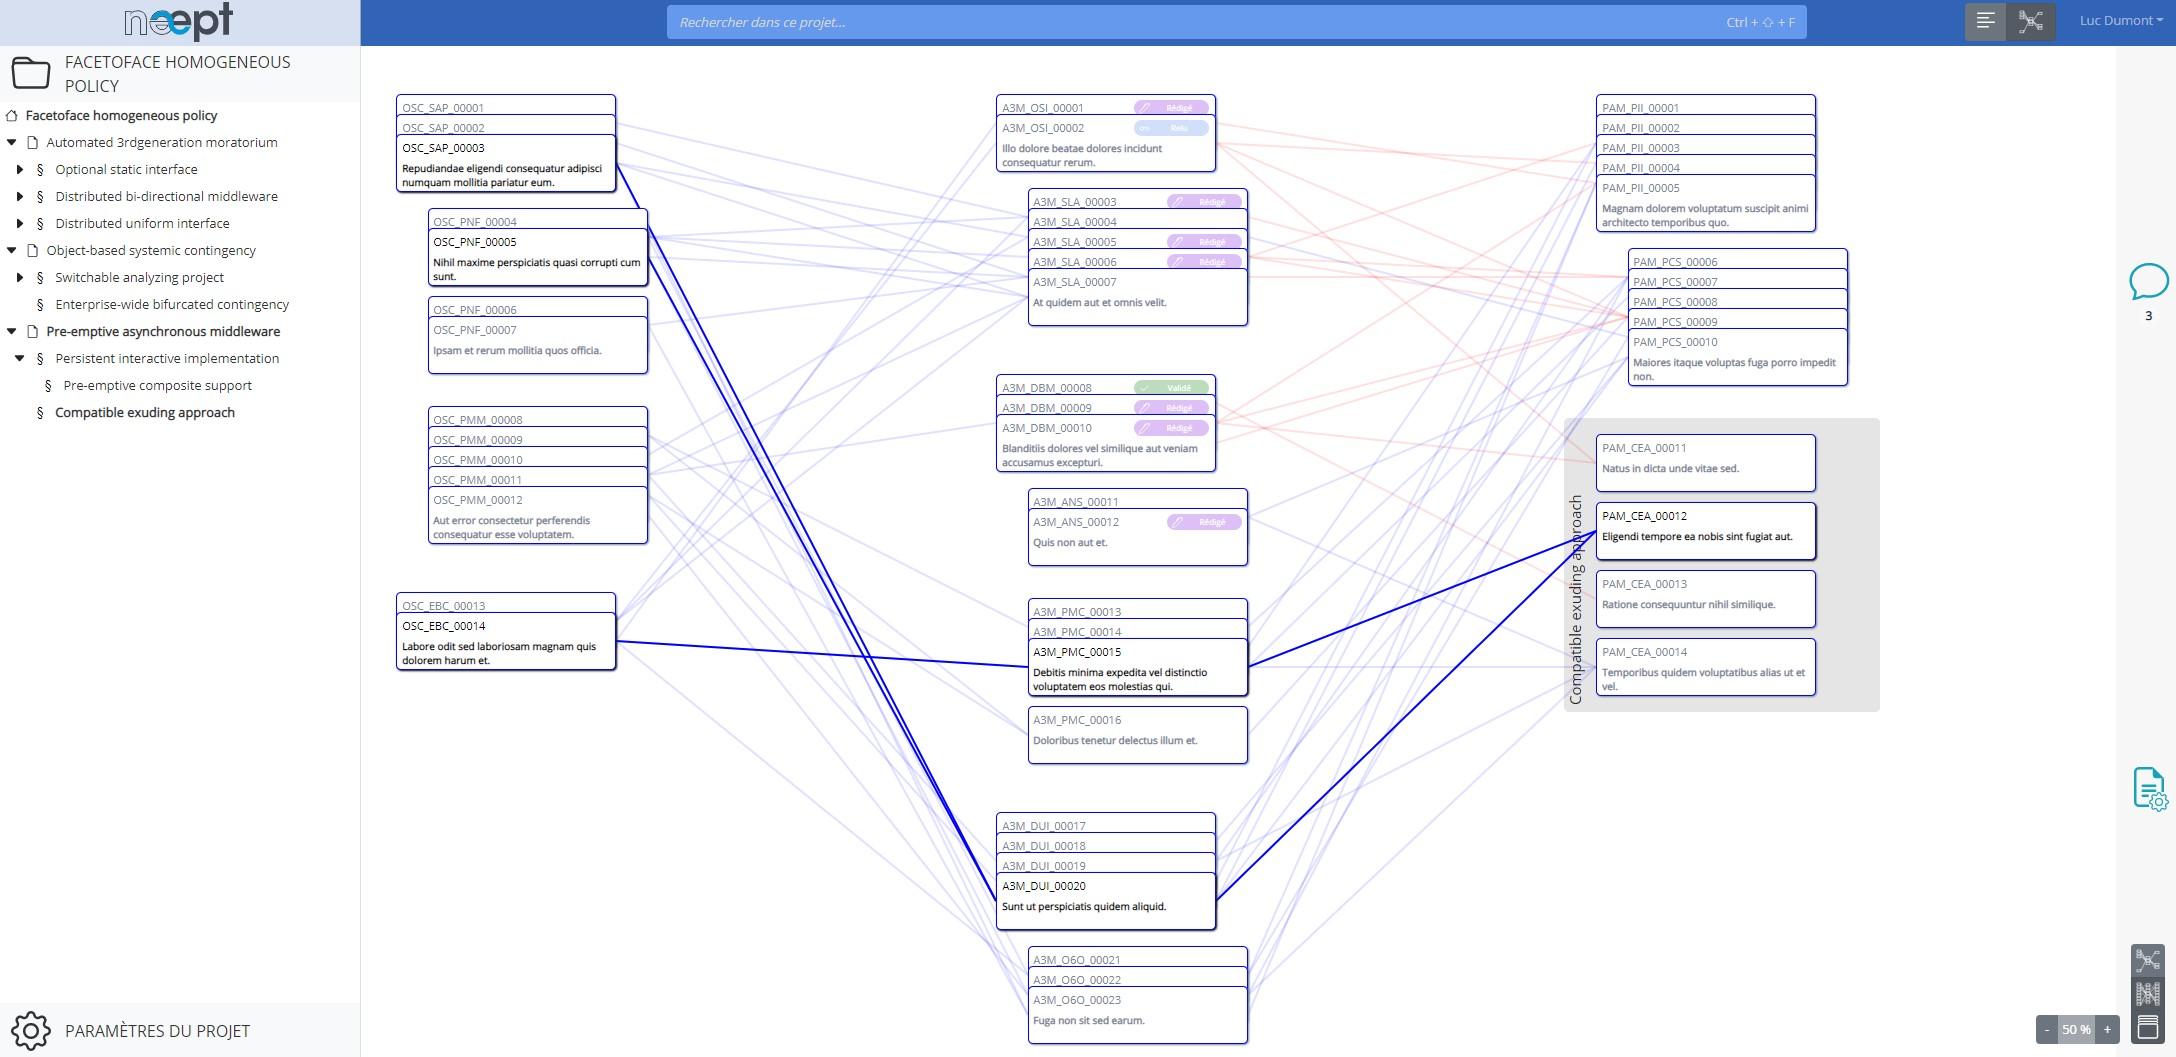 Modélisation du projet sous forme d'un réseau d'articles